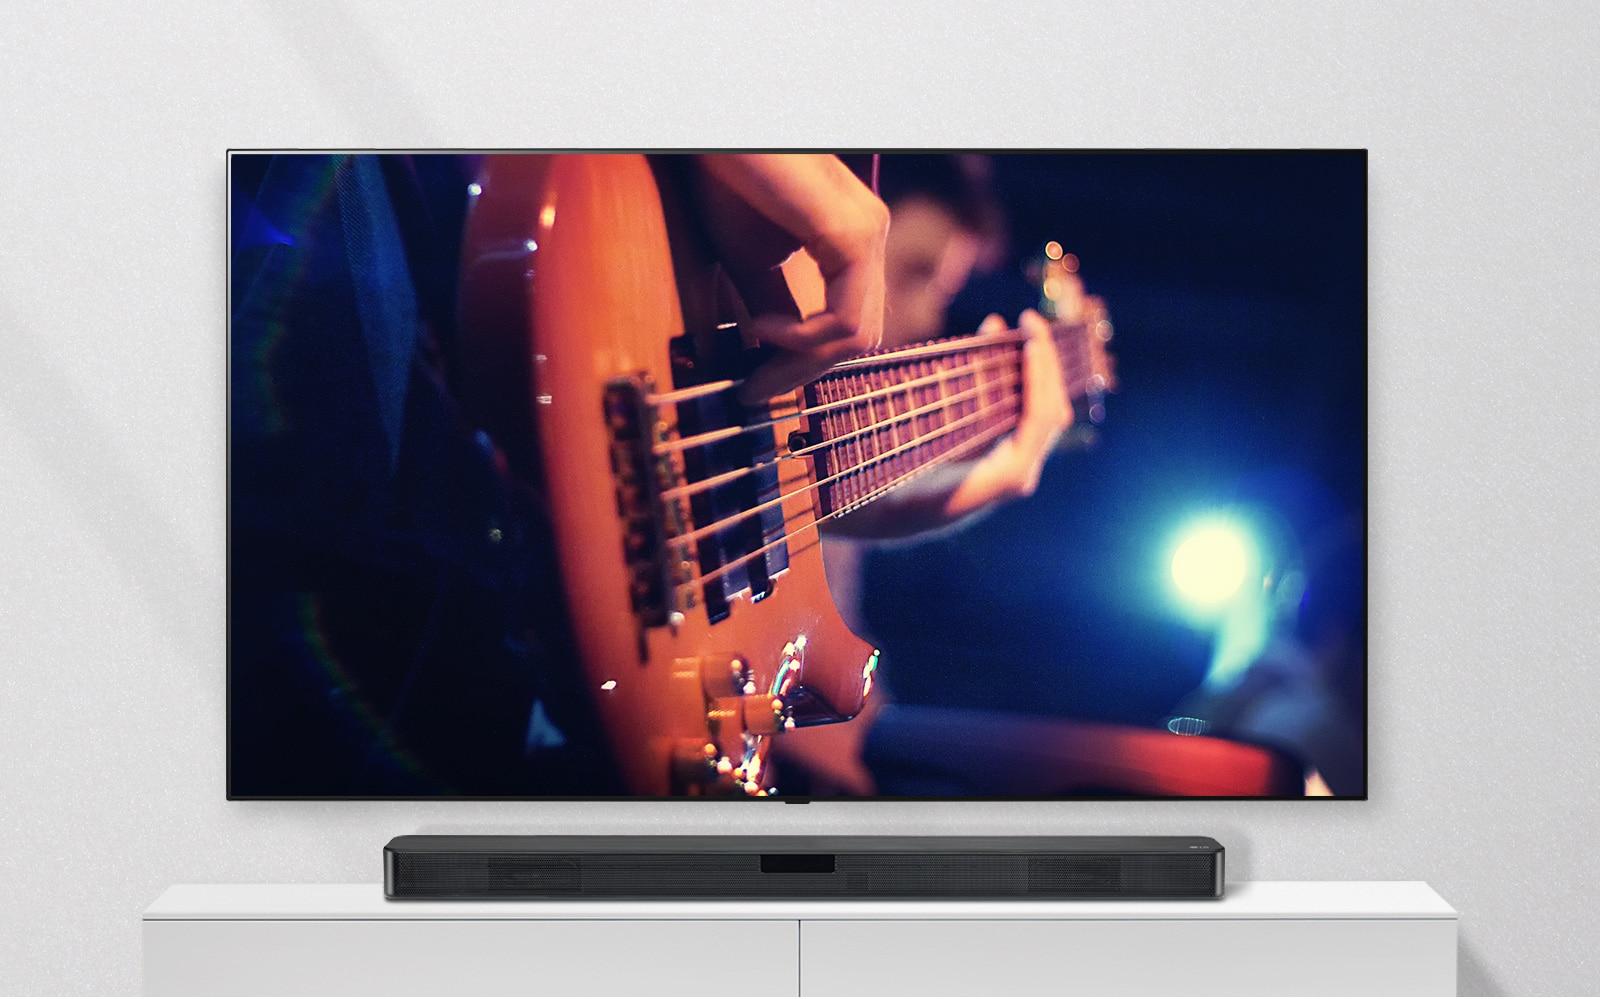 Televizor je pričvršćen na zid, a zvučnik Sound Bar je na bijeloj polici. Na televizoru je prikazan čovjek koji svira gitaru.